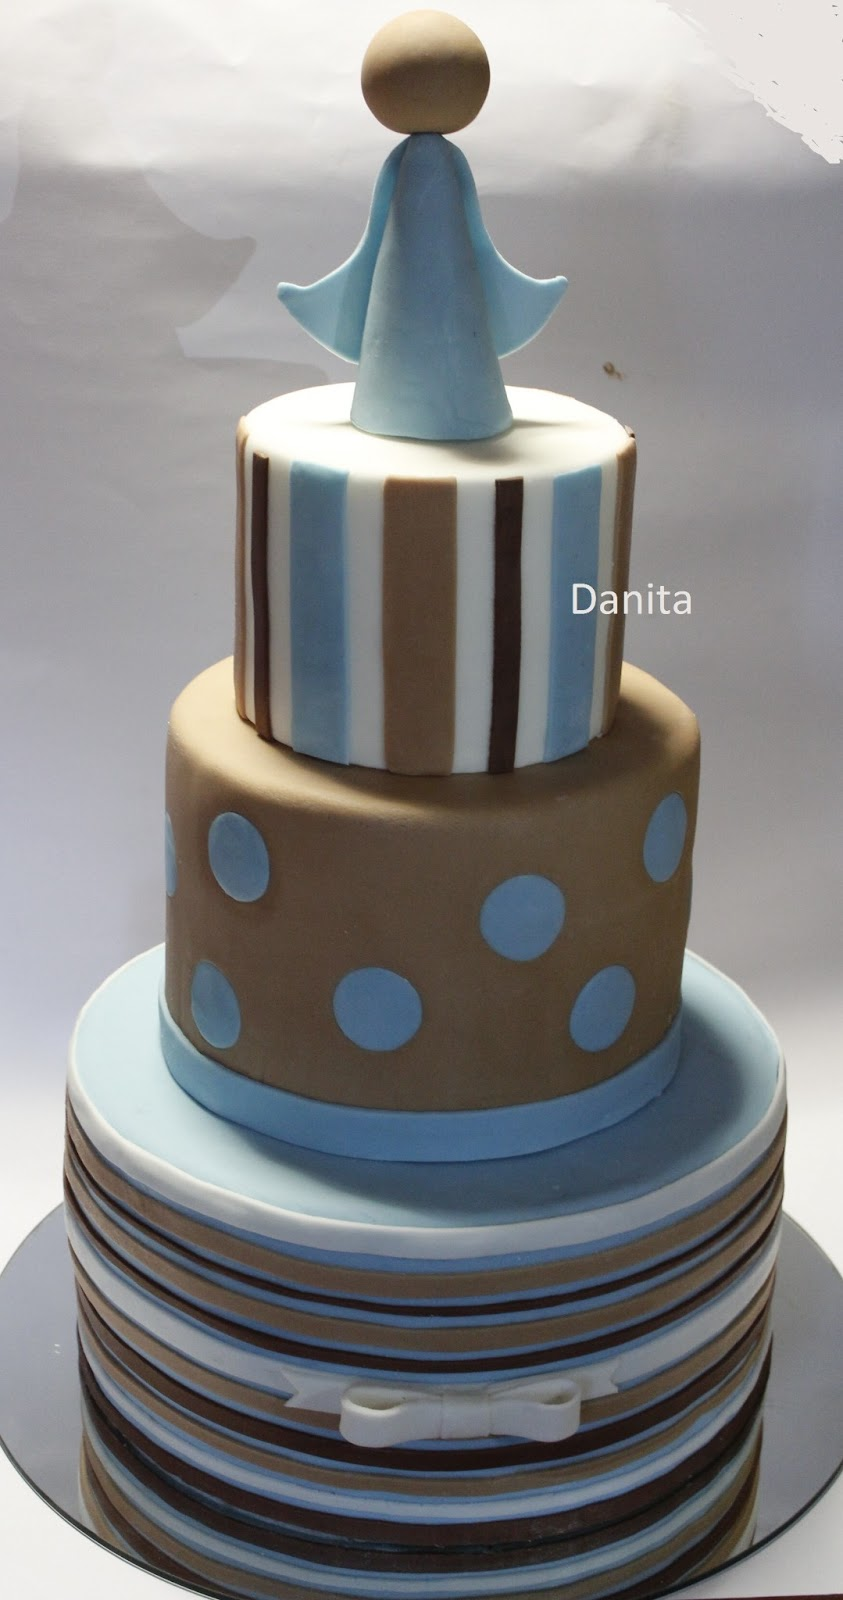 Favoloso Le leccornie di Danita: Torta a righe e pois per comunione DF27